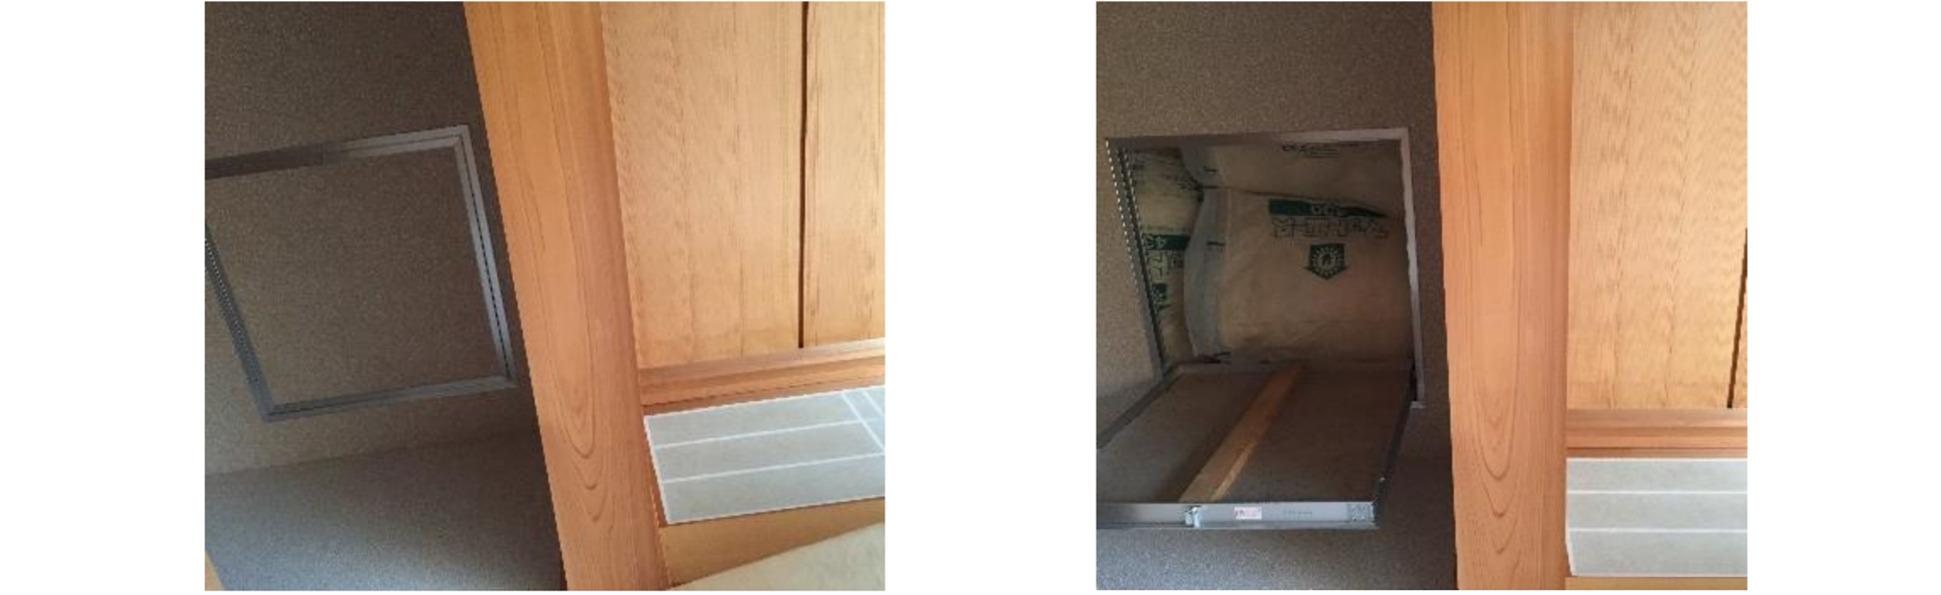 天井の染み|おすすめホームインスペクション|新築・中古・自宅の住宅診断